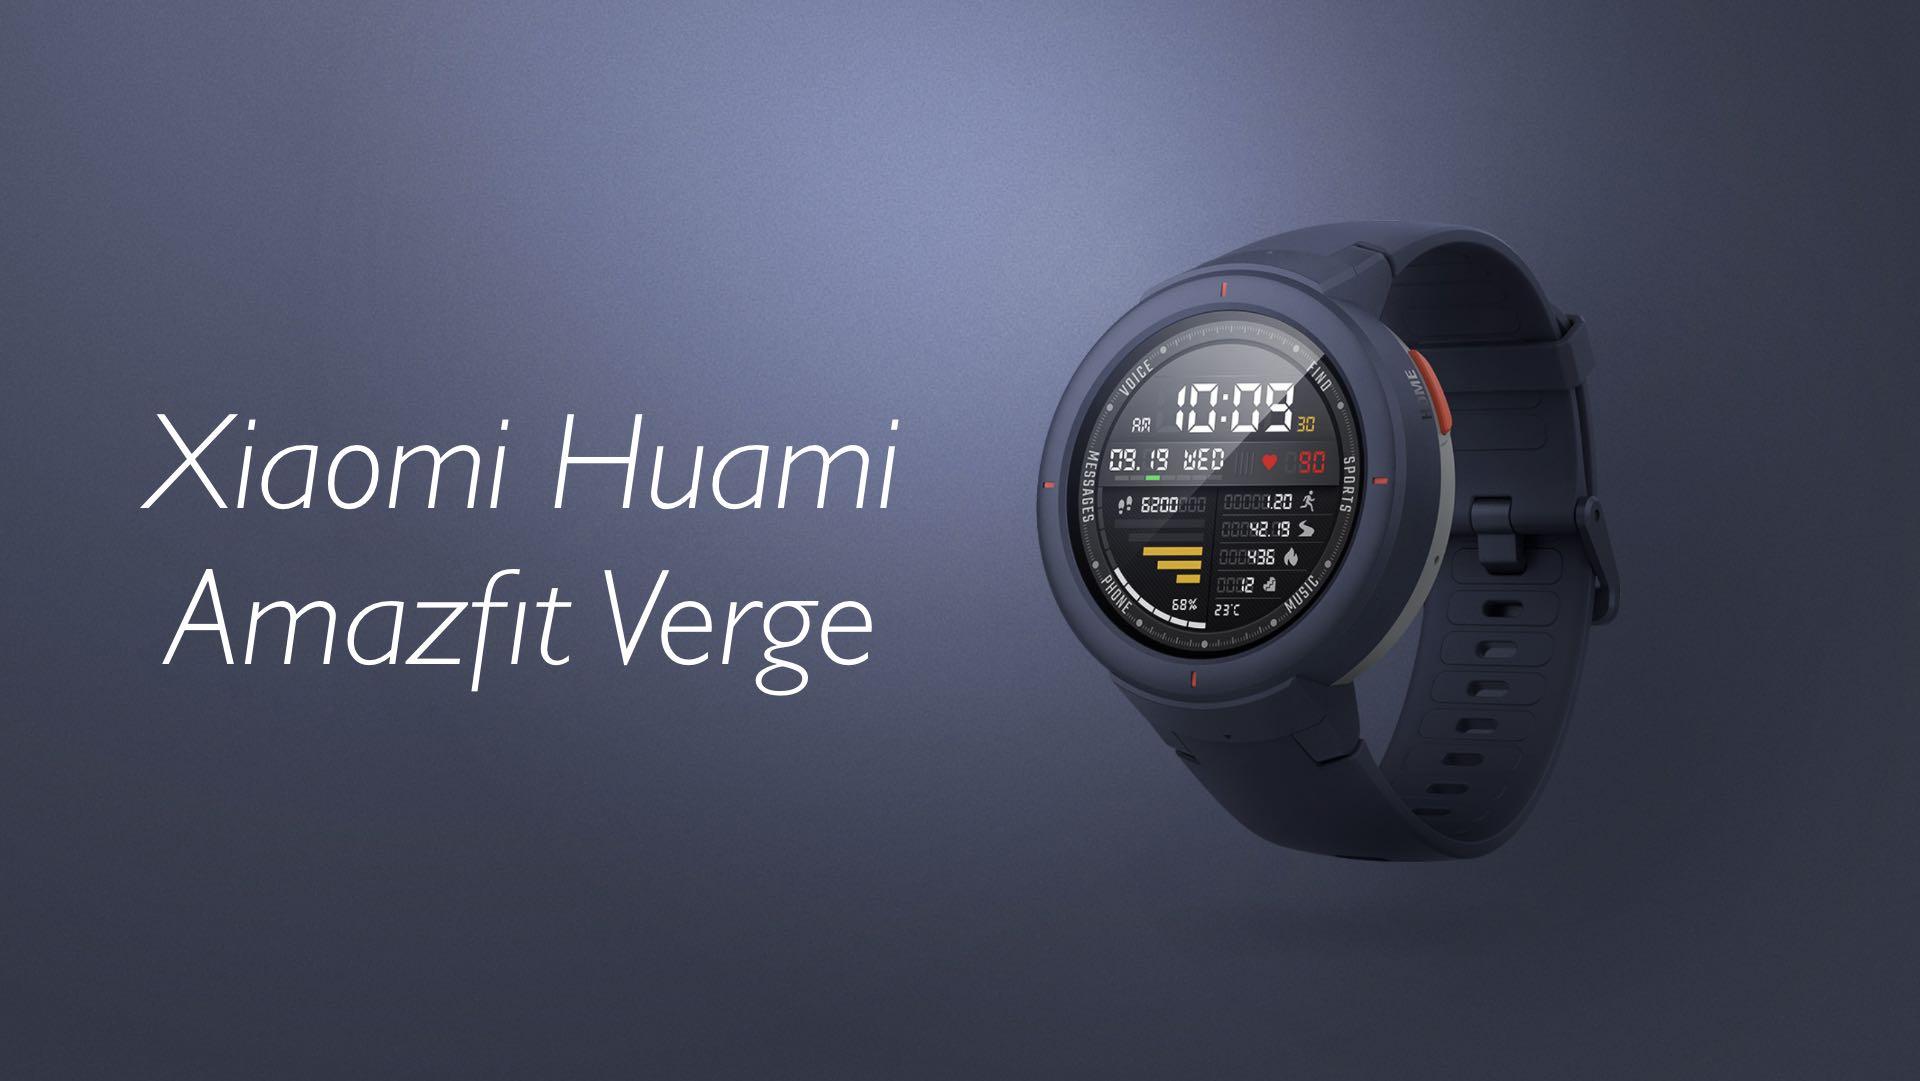 Xiaomi Huami Amazfit Verge_01